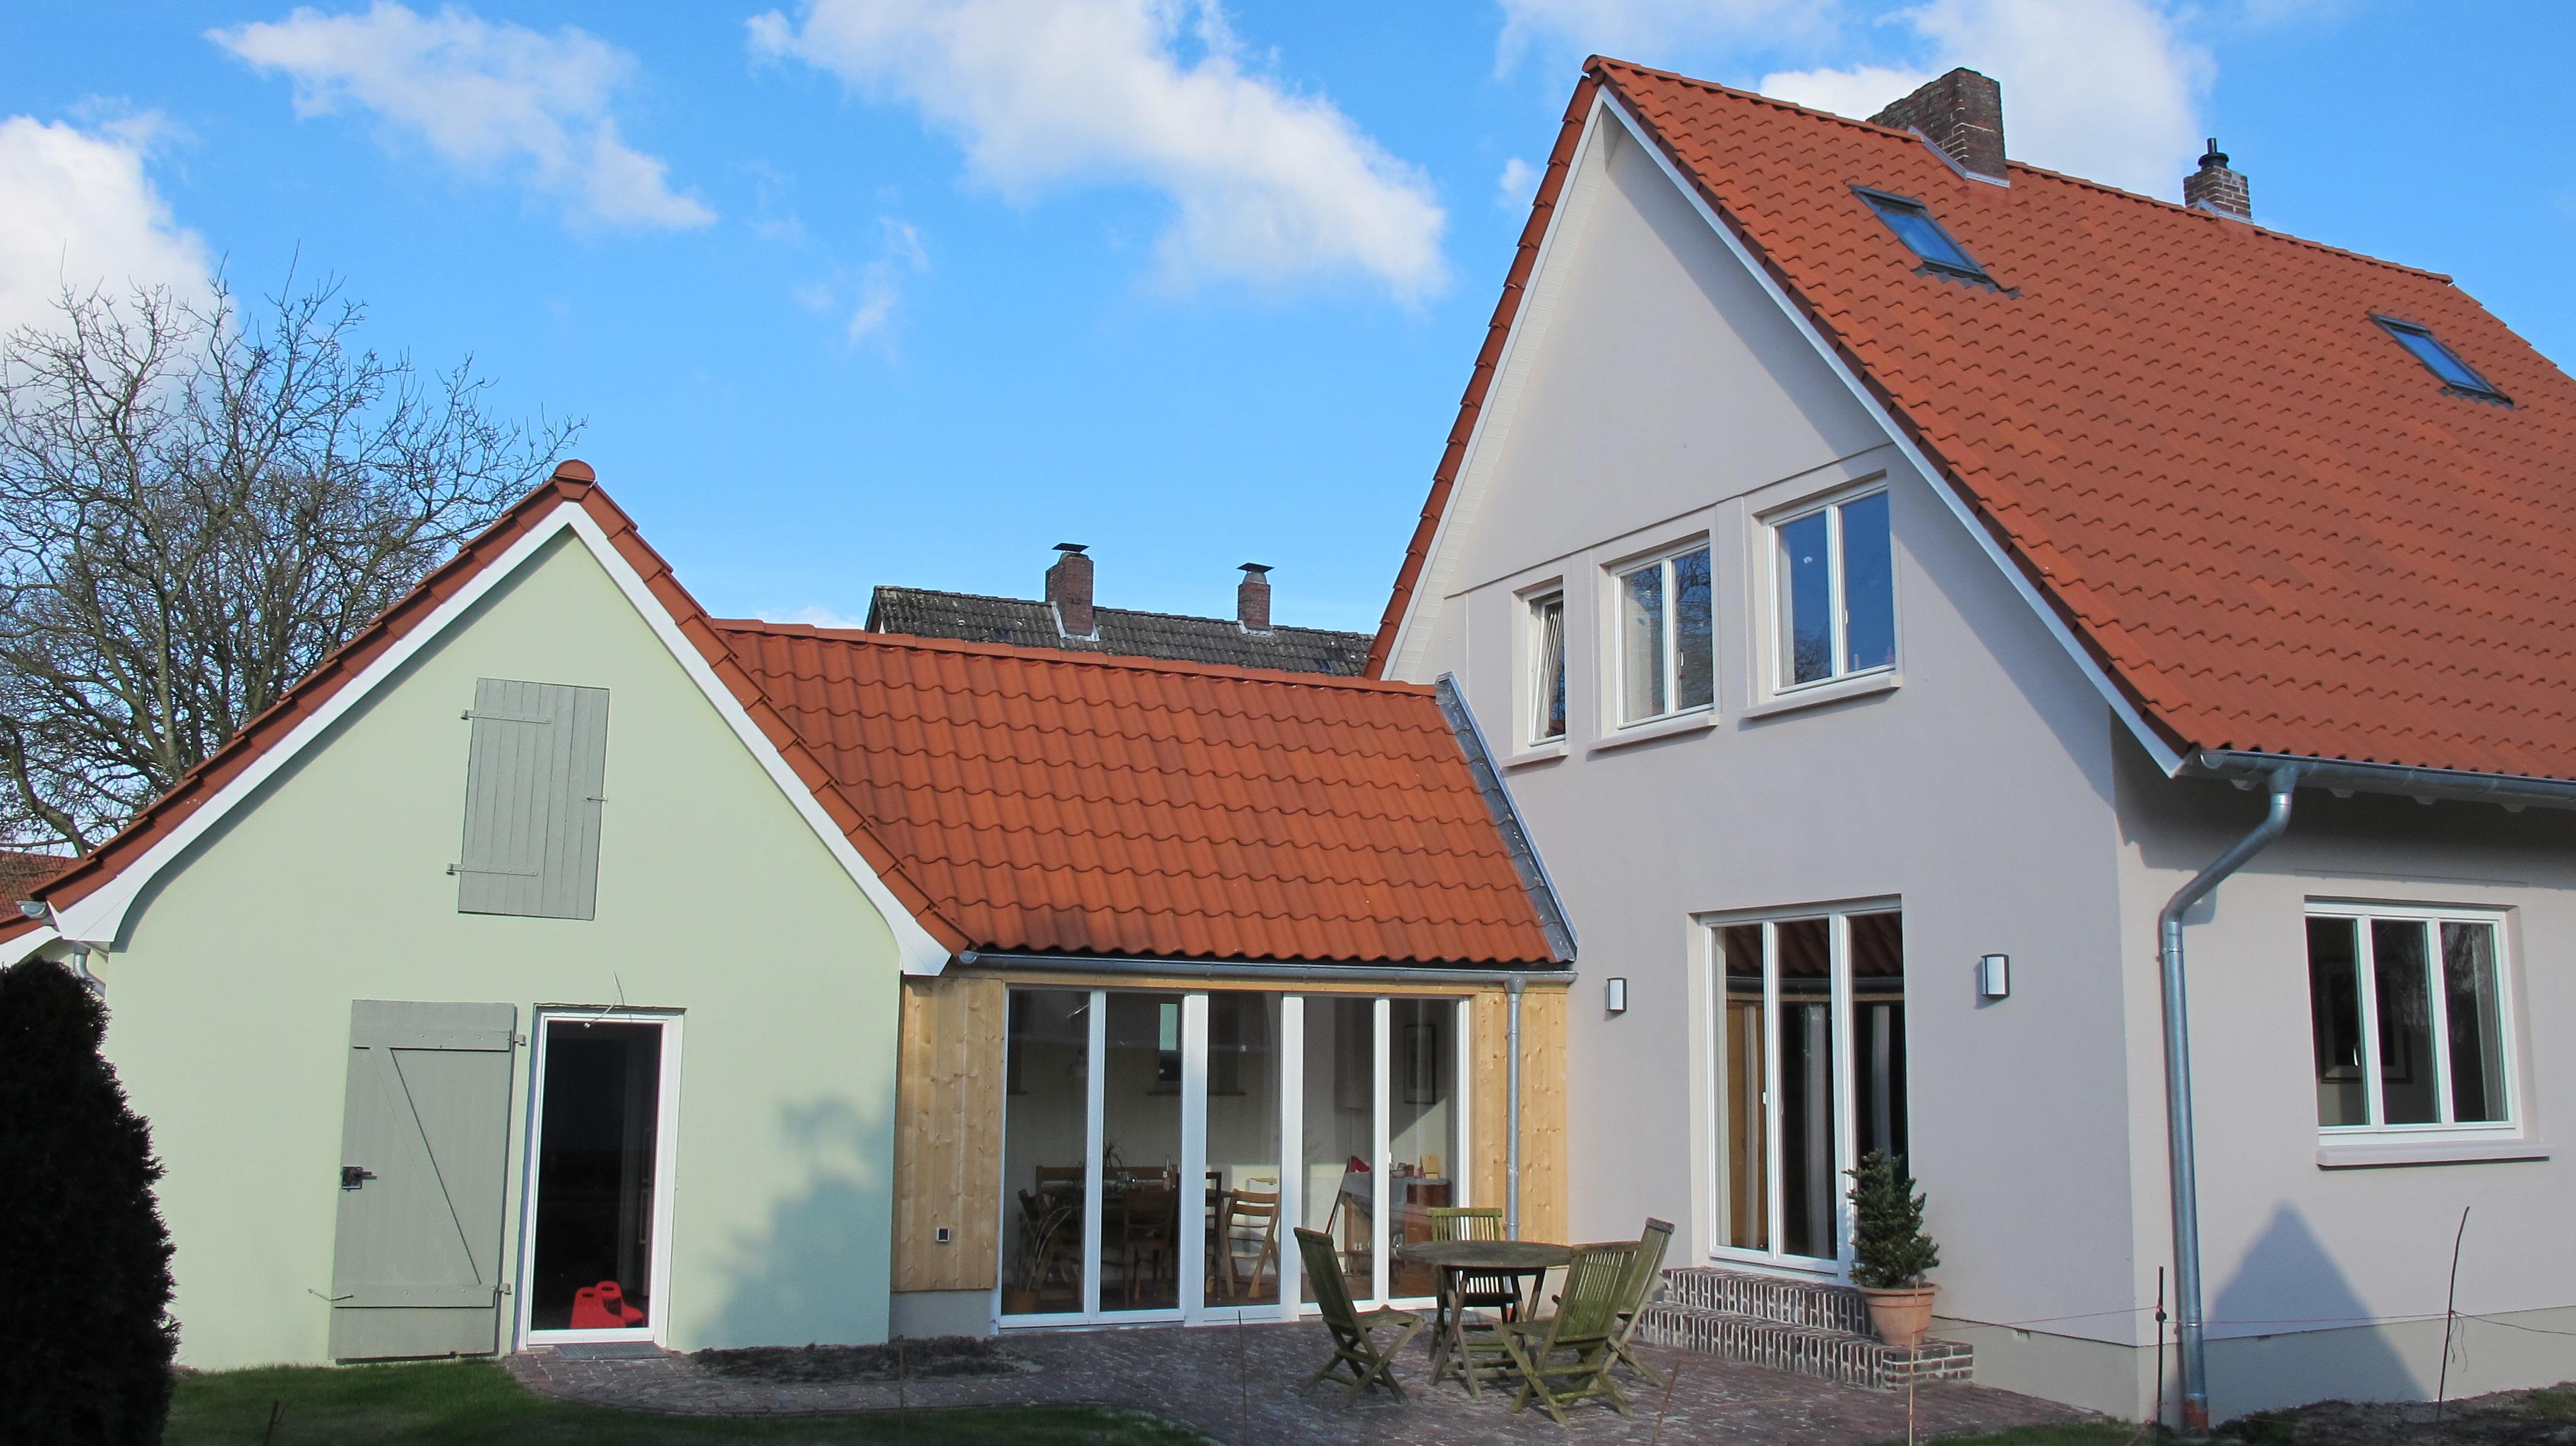 Einfamilienhaus_Holzfenster_schlicht_Fecon_Nordwest